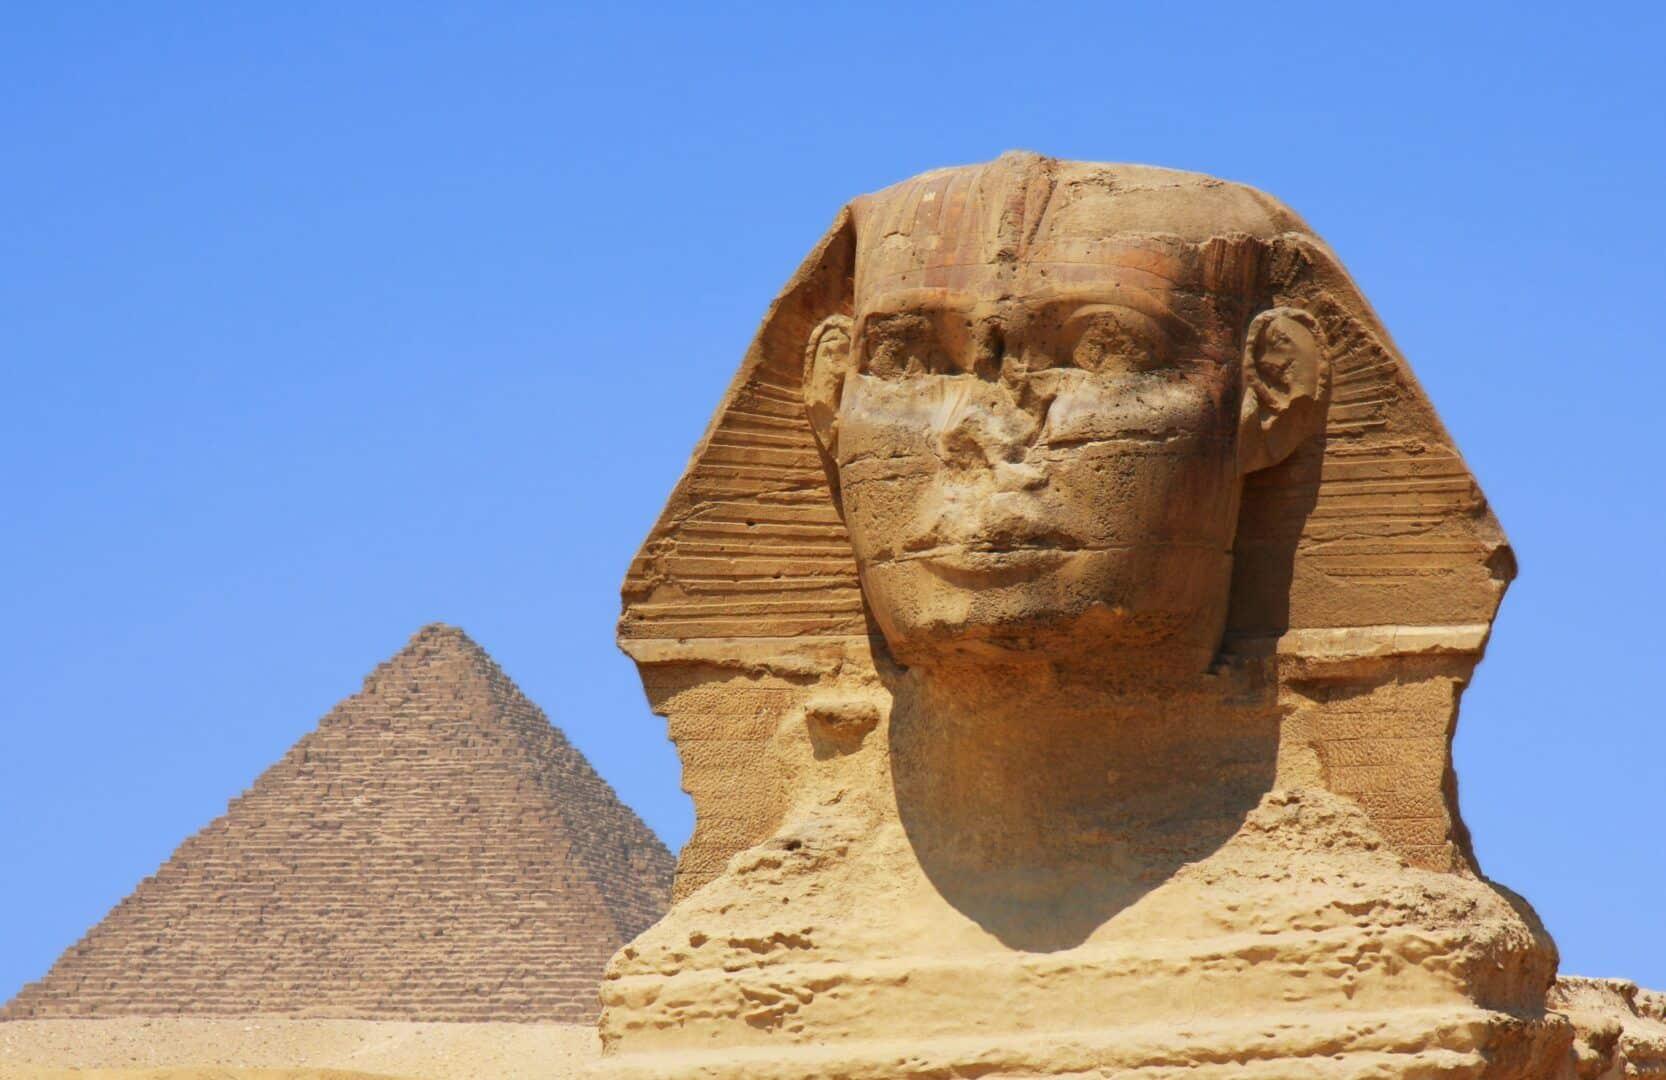 Esfinge de Gizé - história do famoso monumento sem nariz